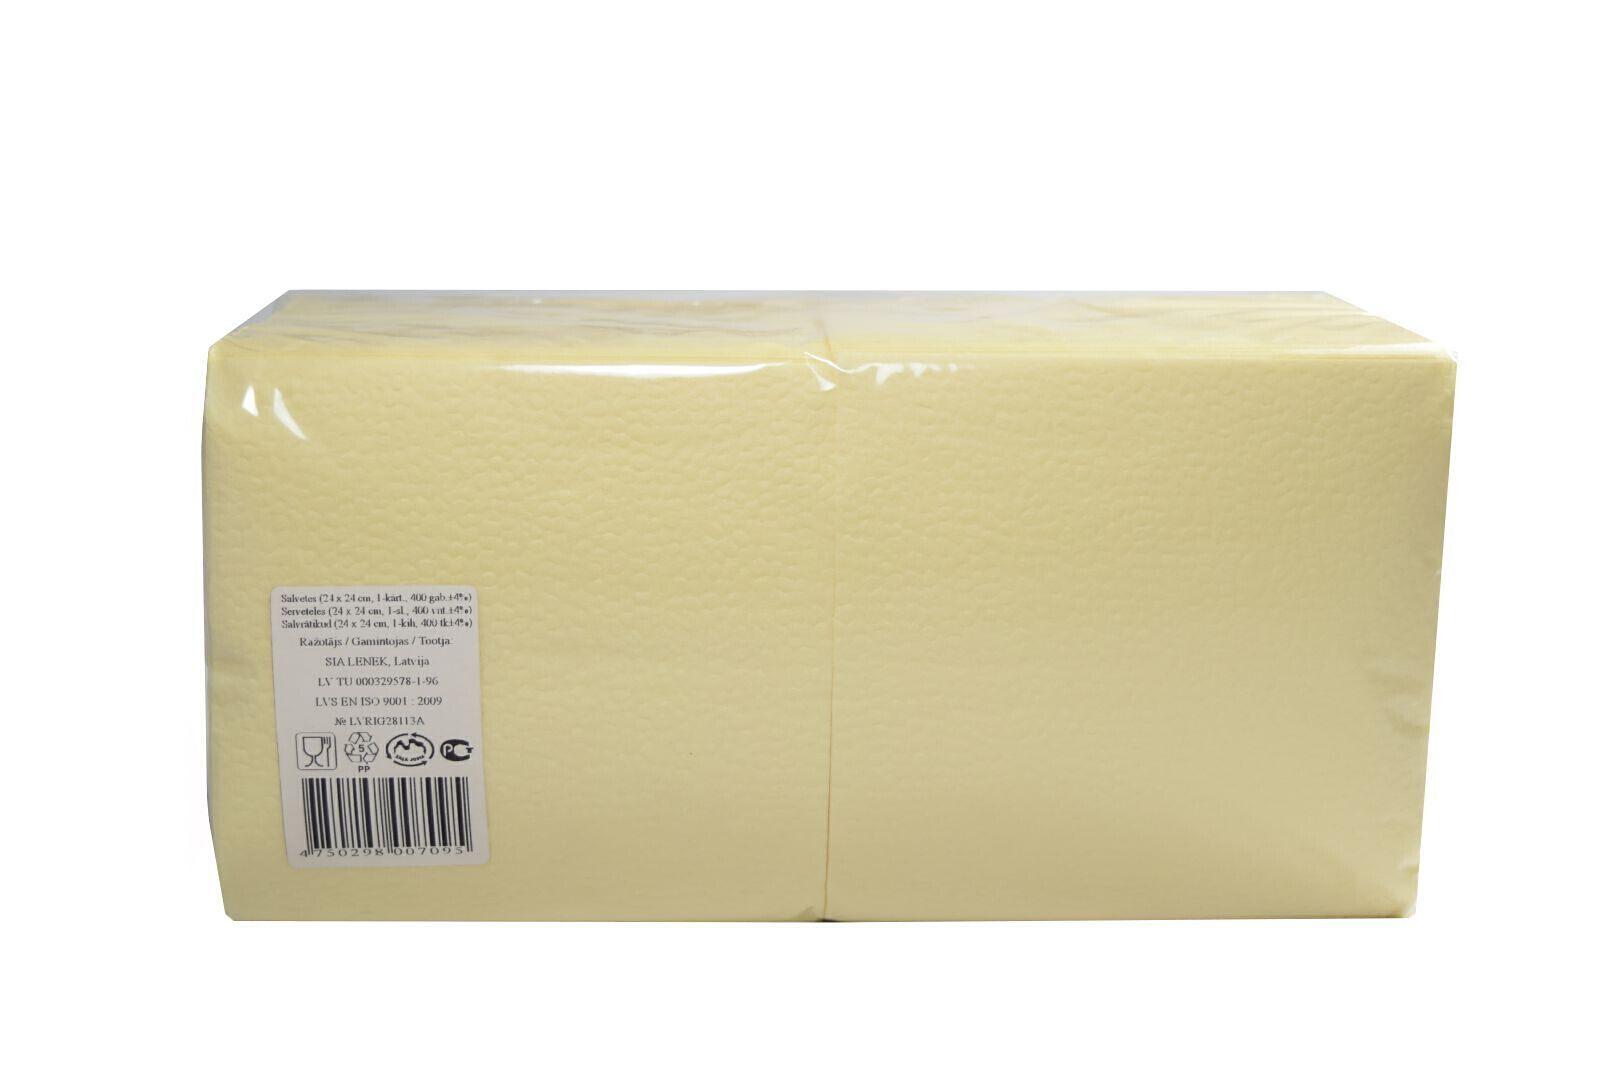 Salvrätikud 24 x 24 shampus, 1-kihiline, pakis 400 tk, kastis 18 pk